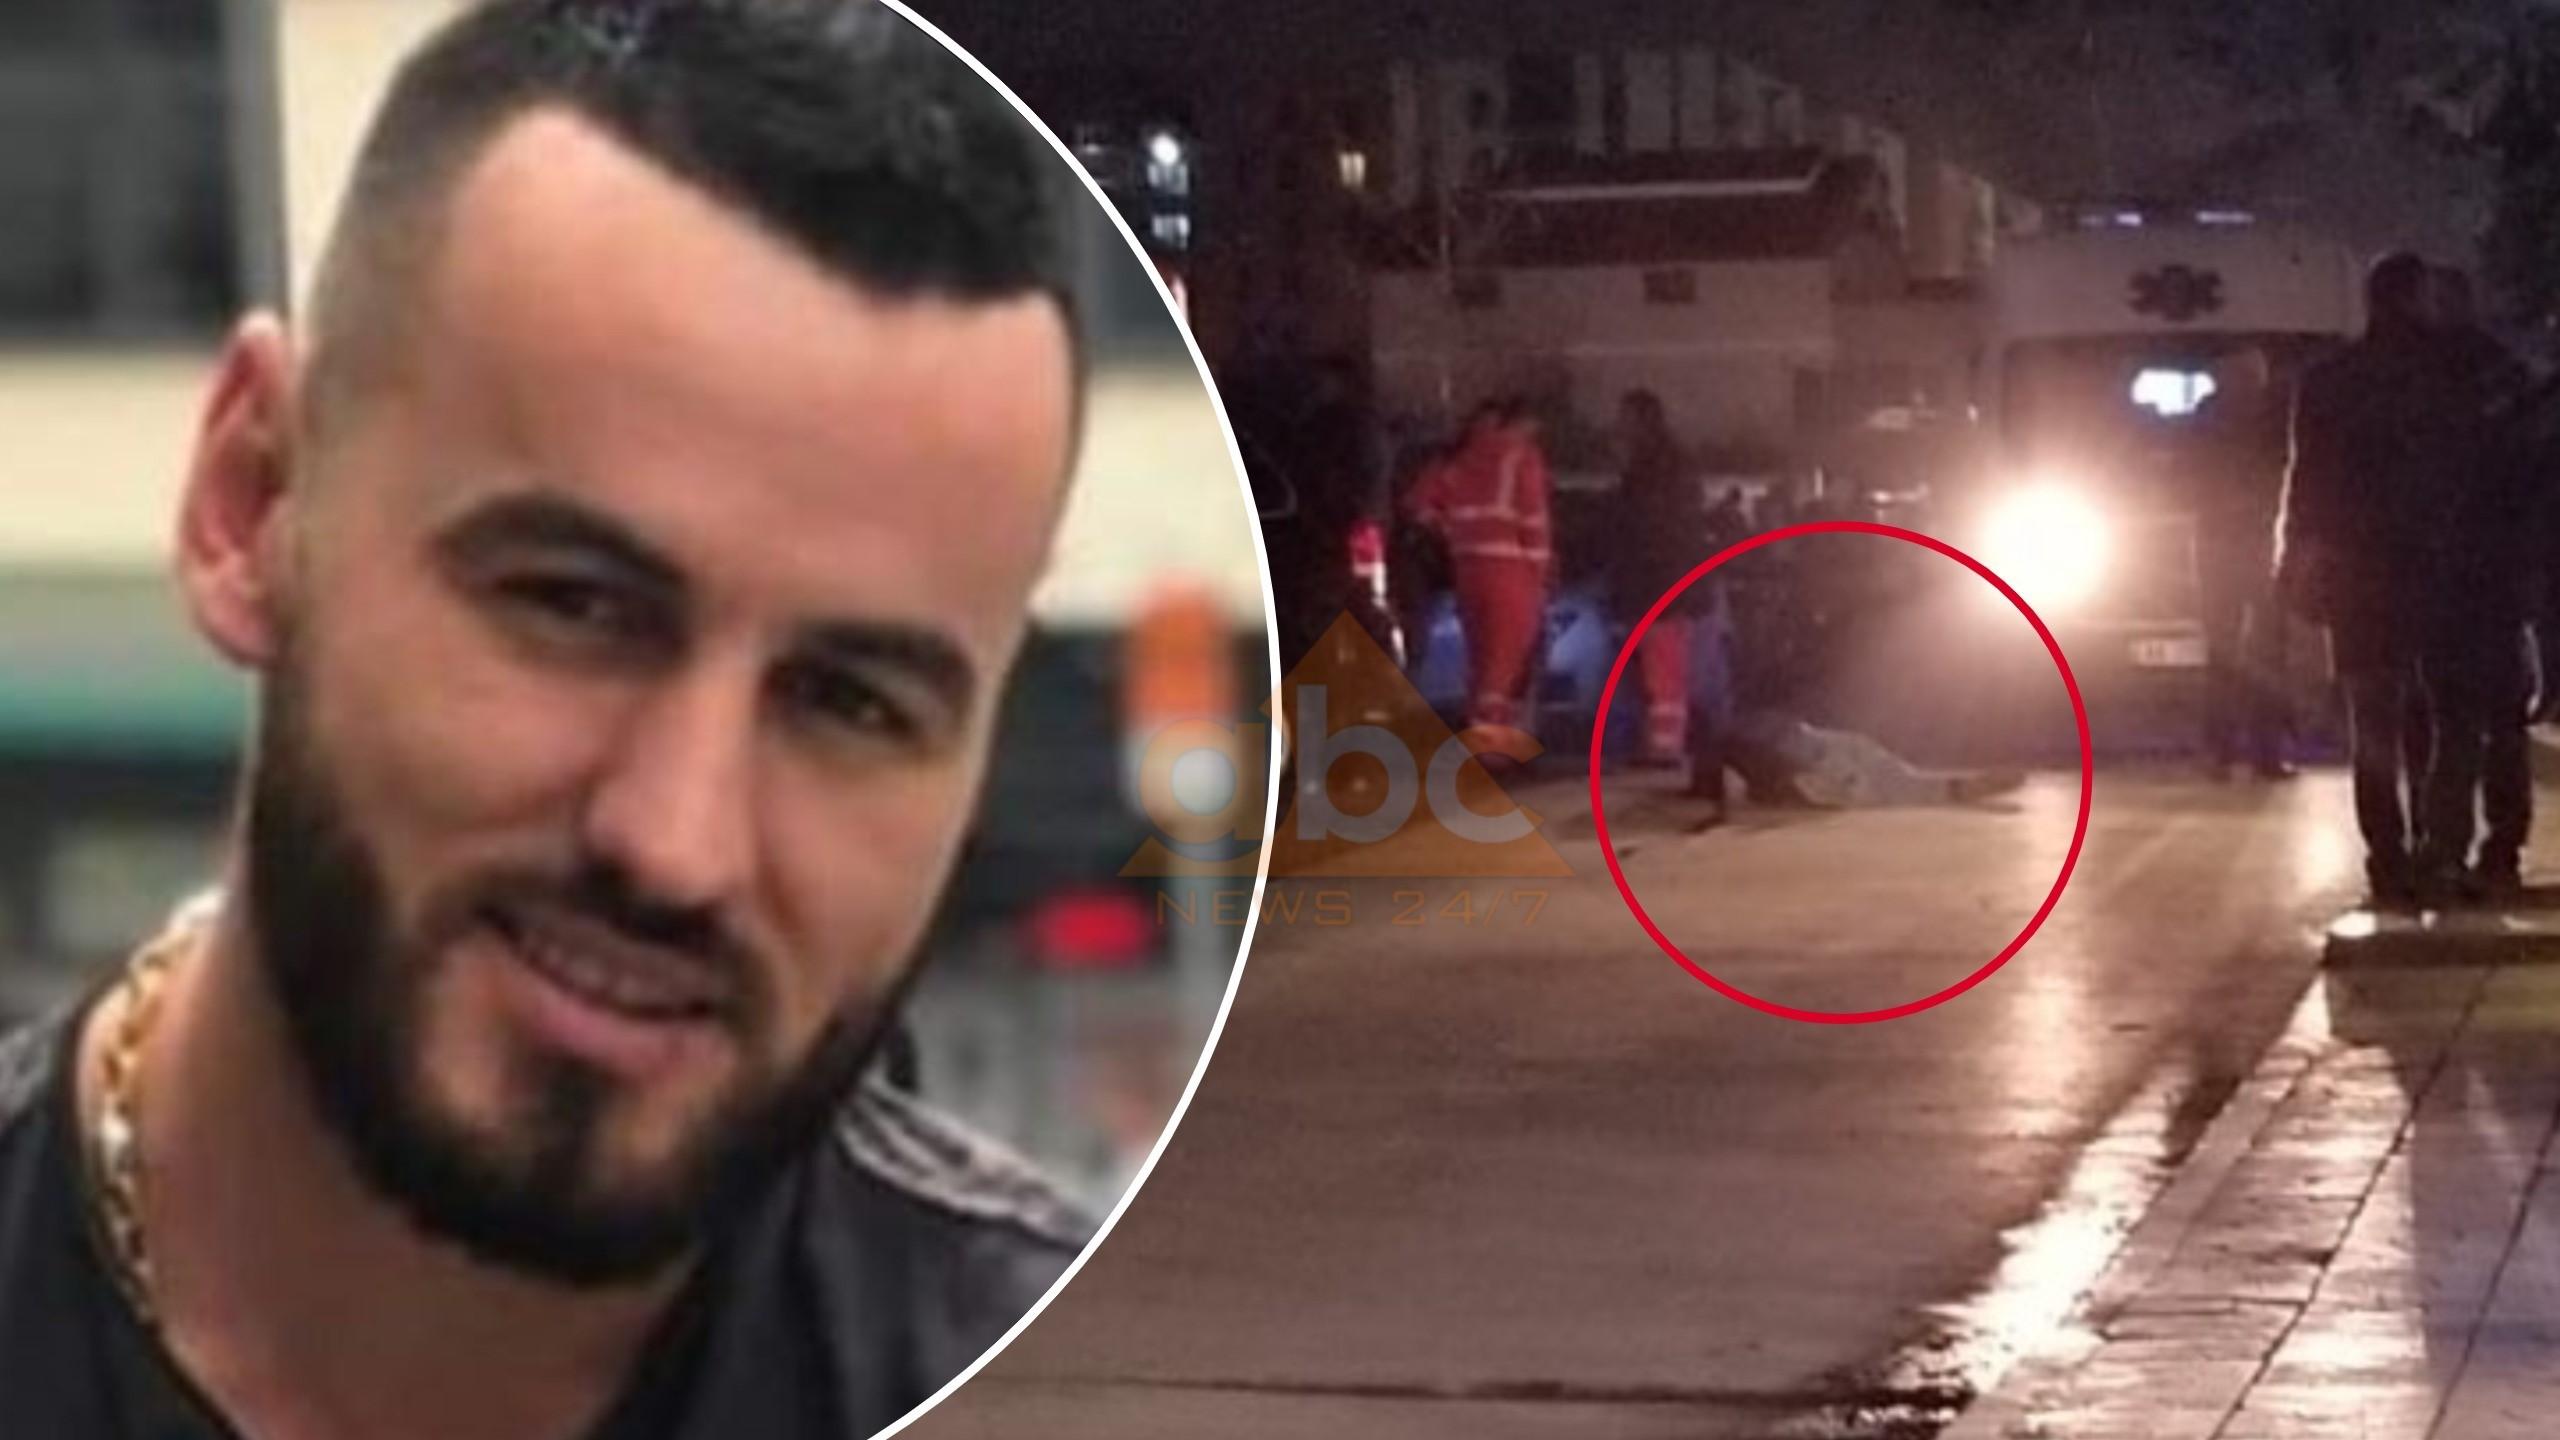 U dorëzuar në polici, zbardhet dëshmia e të dyshuarit për vrasjen e Vilson Tafçiut